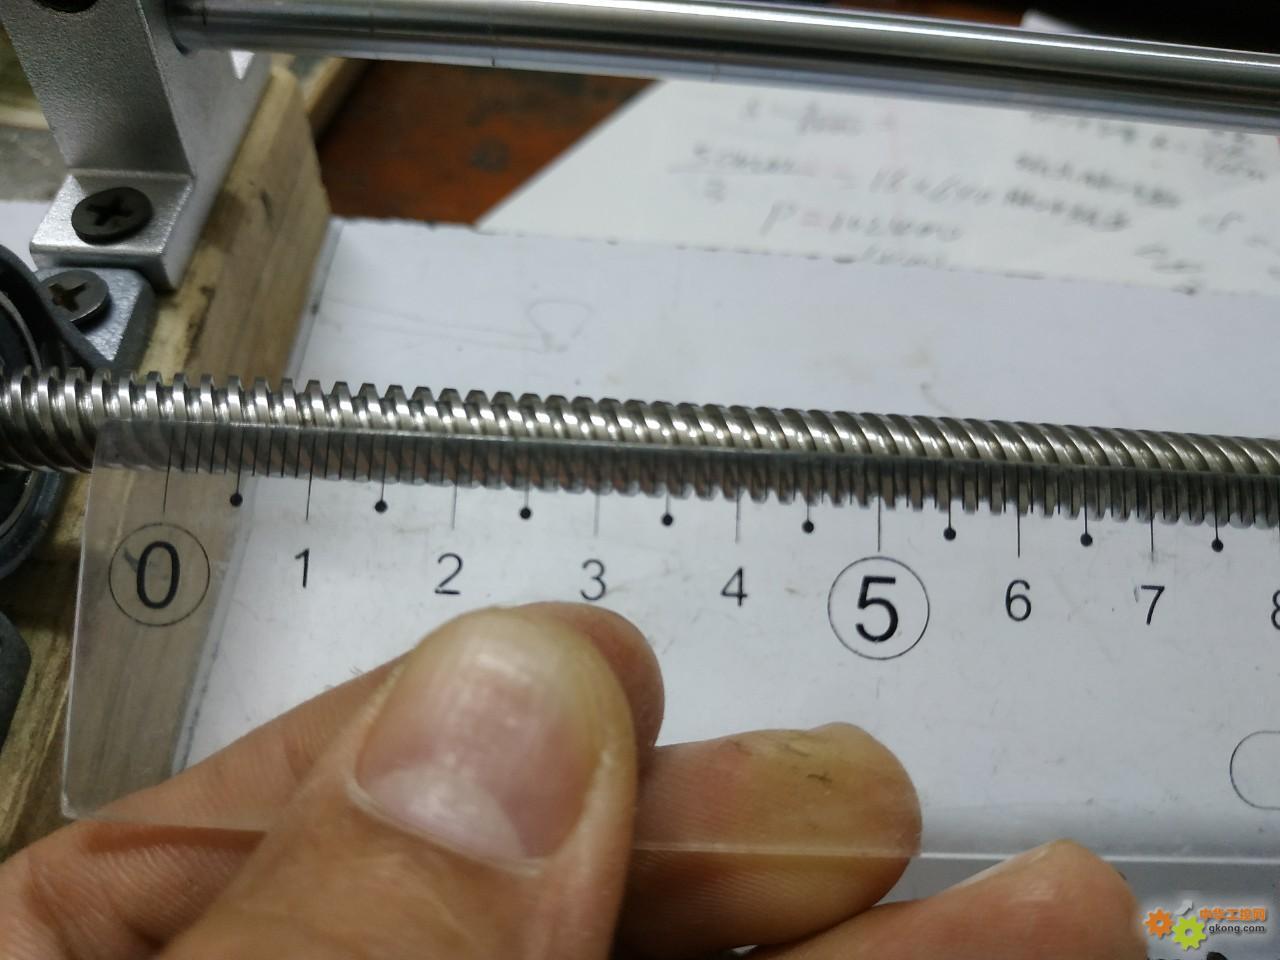 步进电机丝杆定位脉冲数和频率的计算